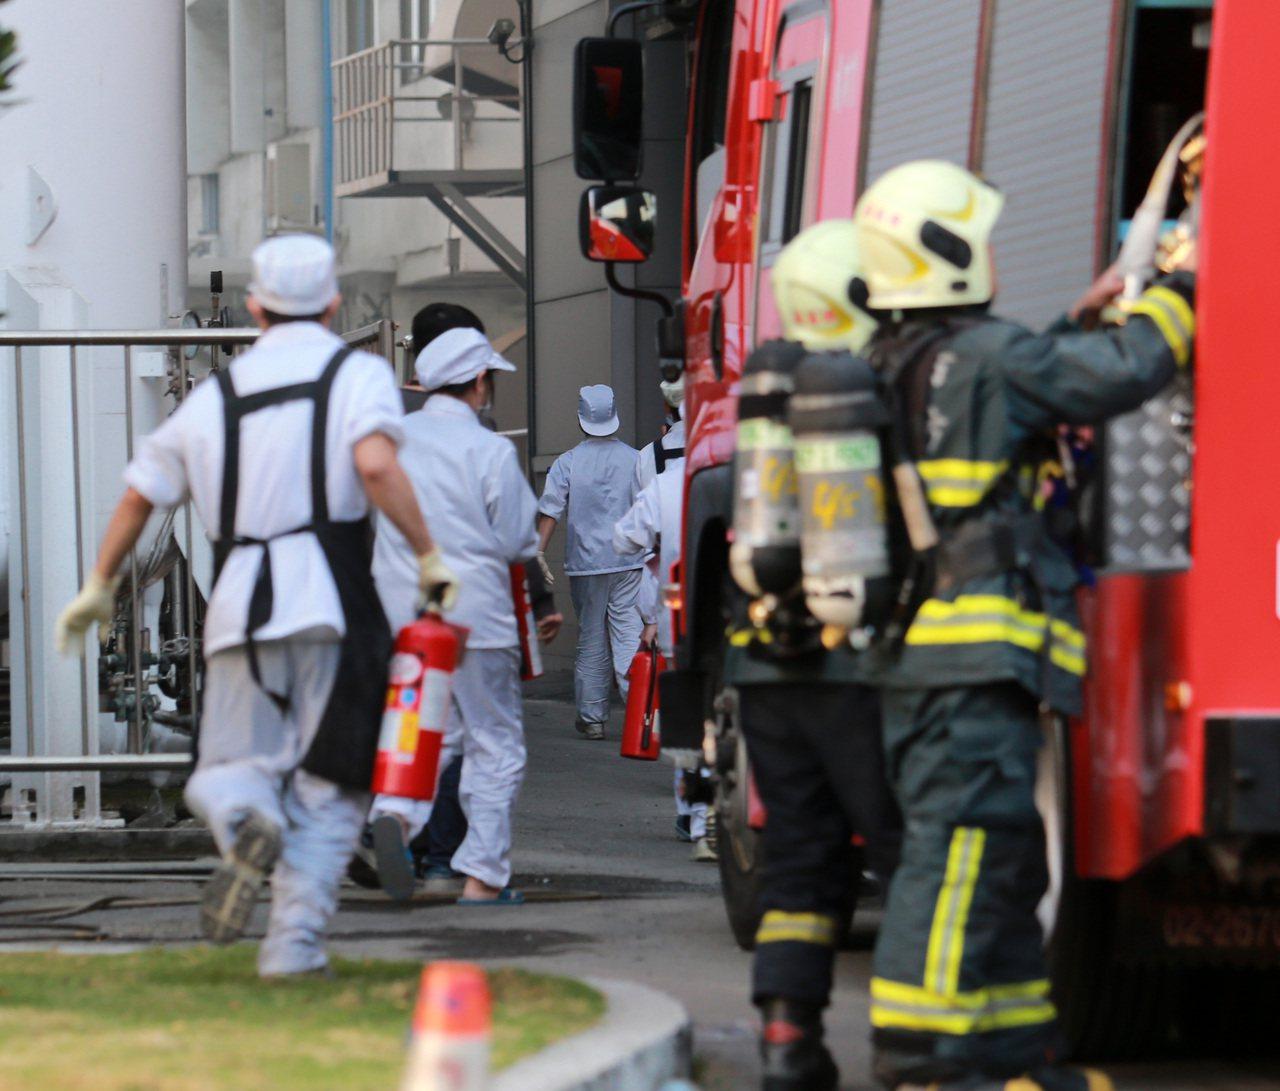 消防隊的抵達能快一秒是一秒,抵達後救災速度能快一步是一步,而怎樣讓消防隊可以「救...